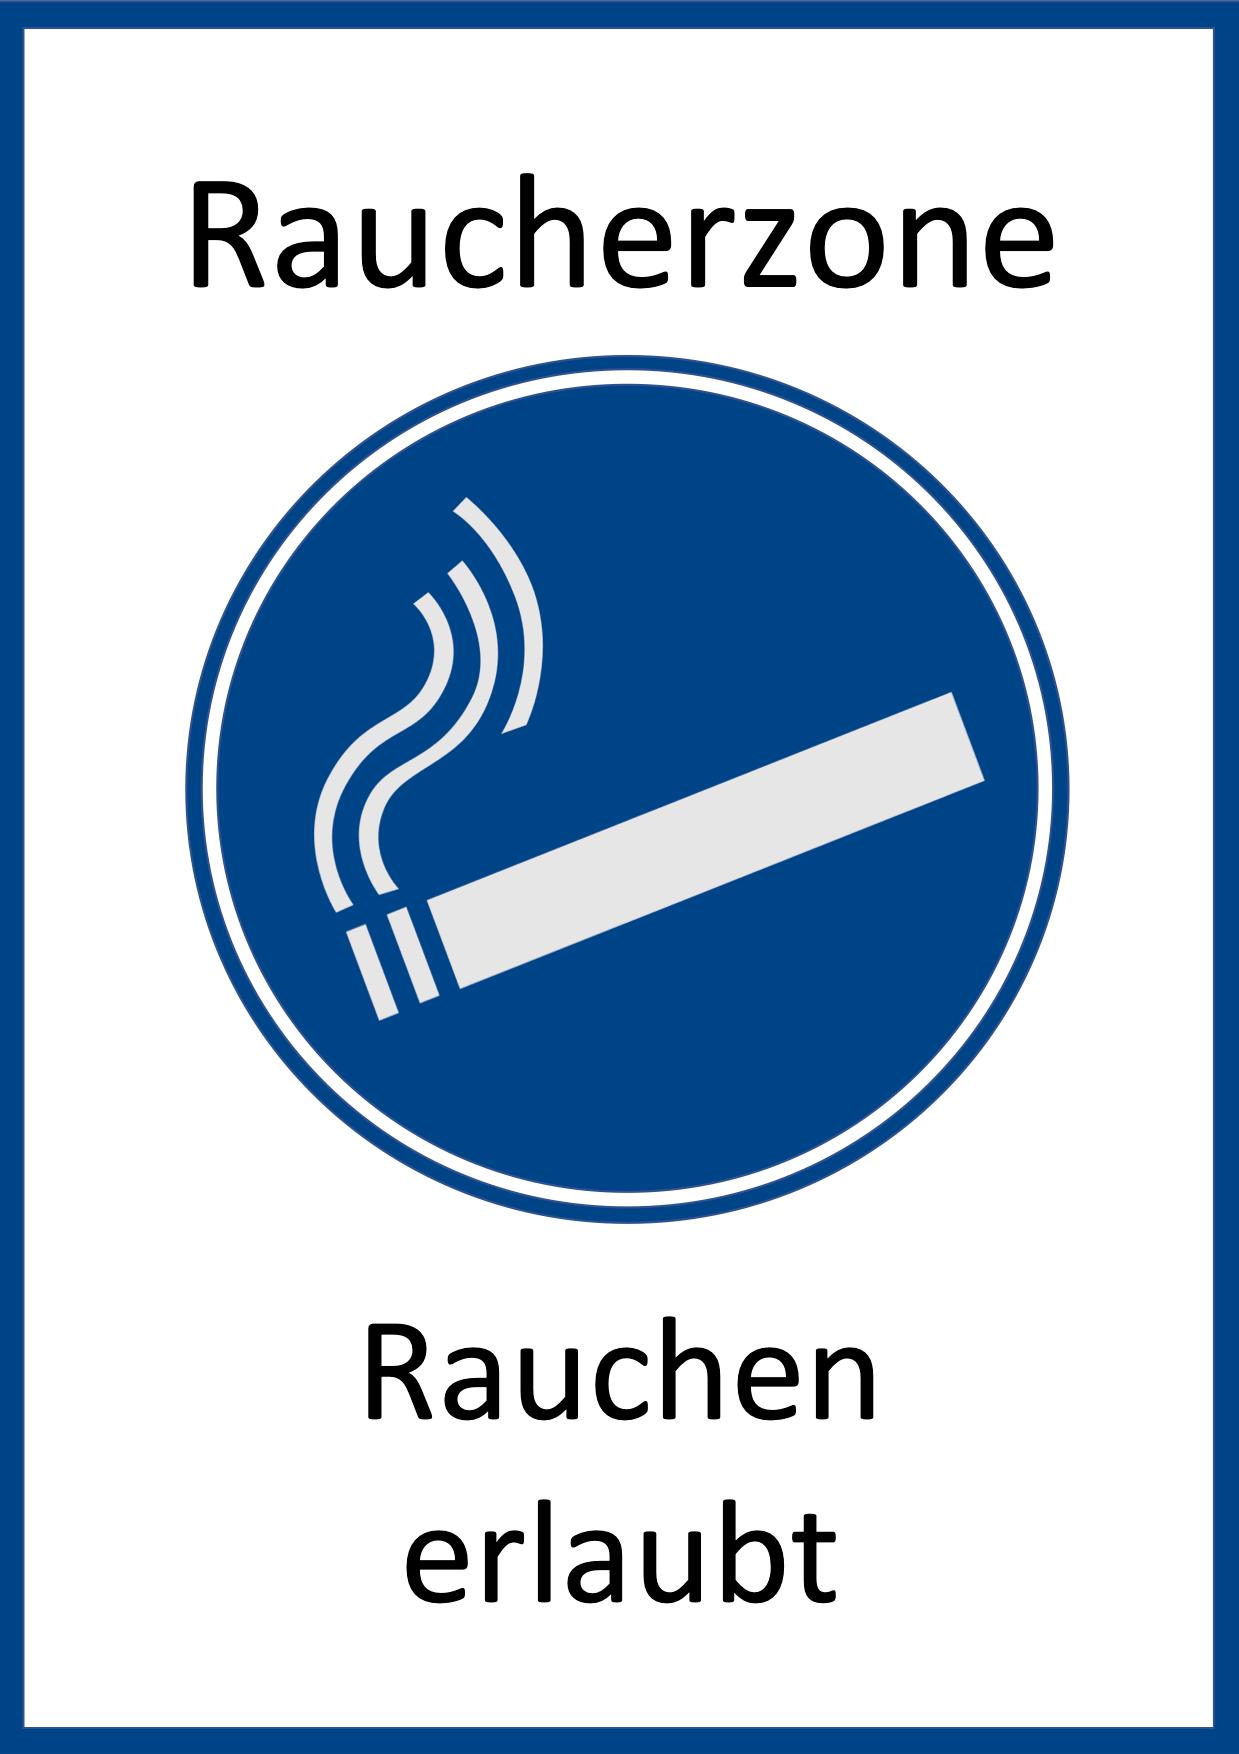 Schild Raucherzone zum Ausdrucken